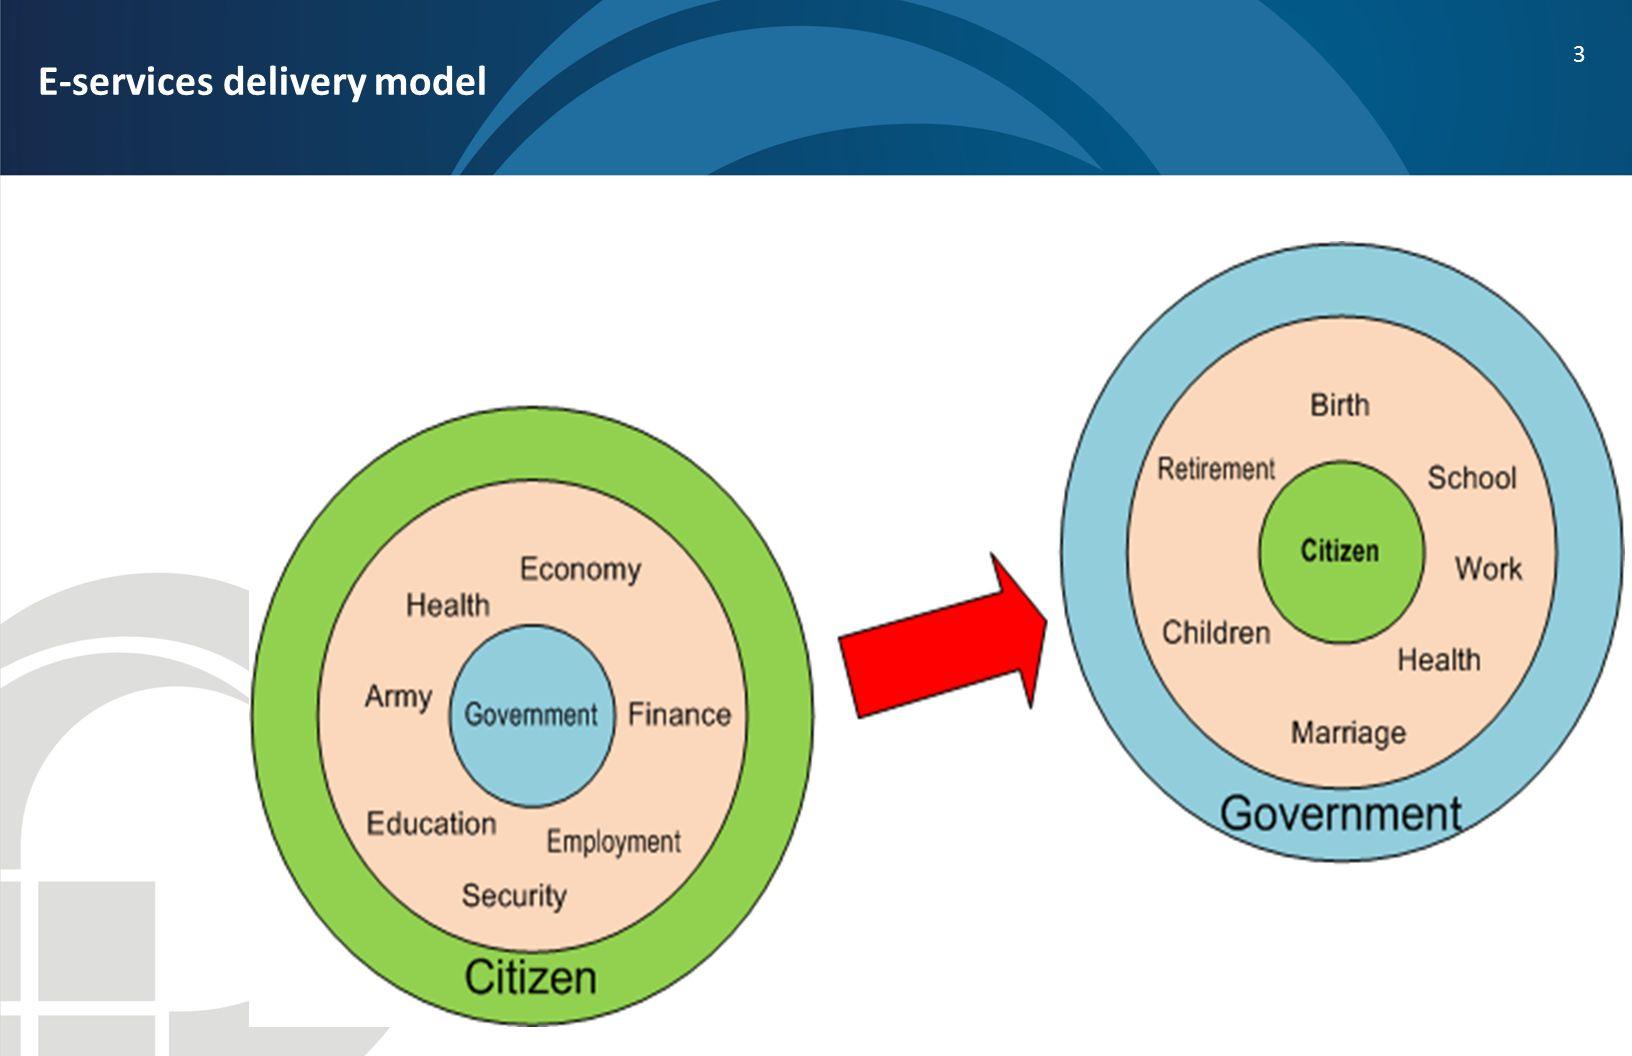 E-services delivery model